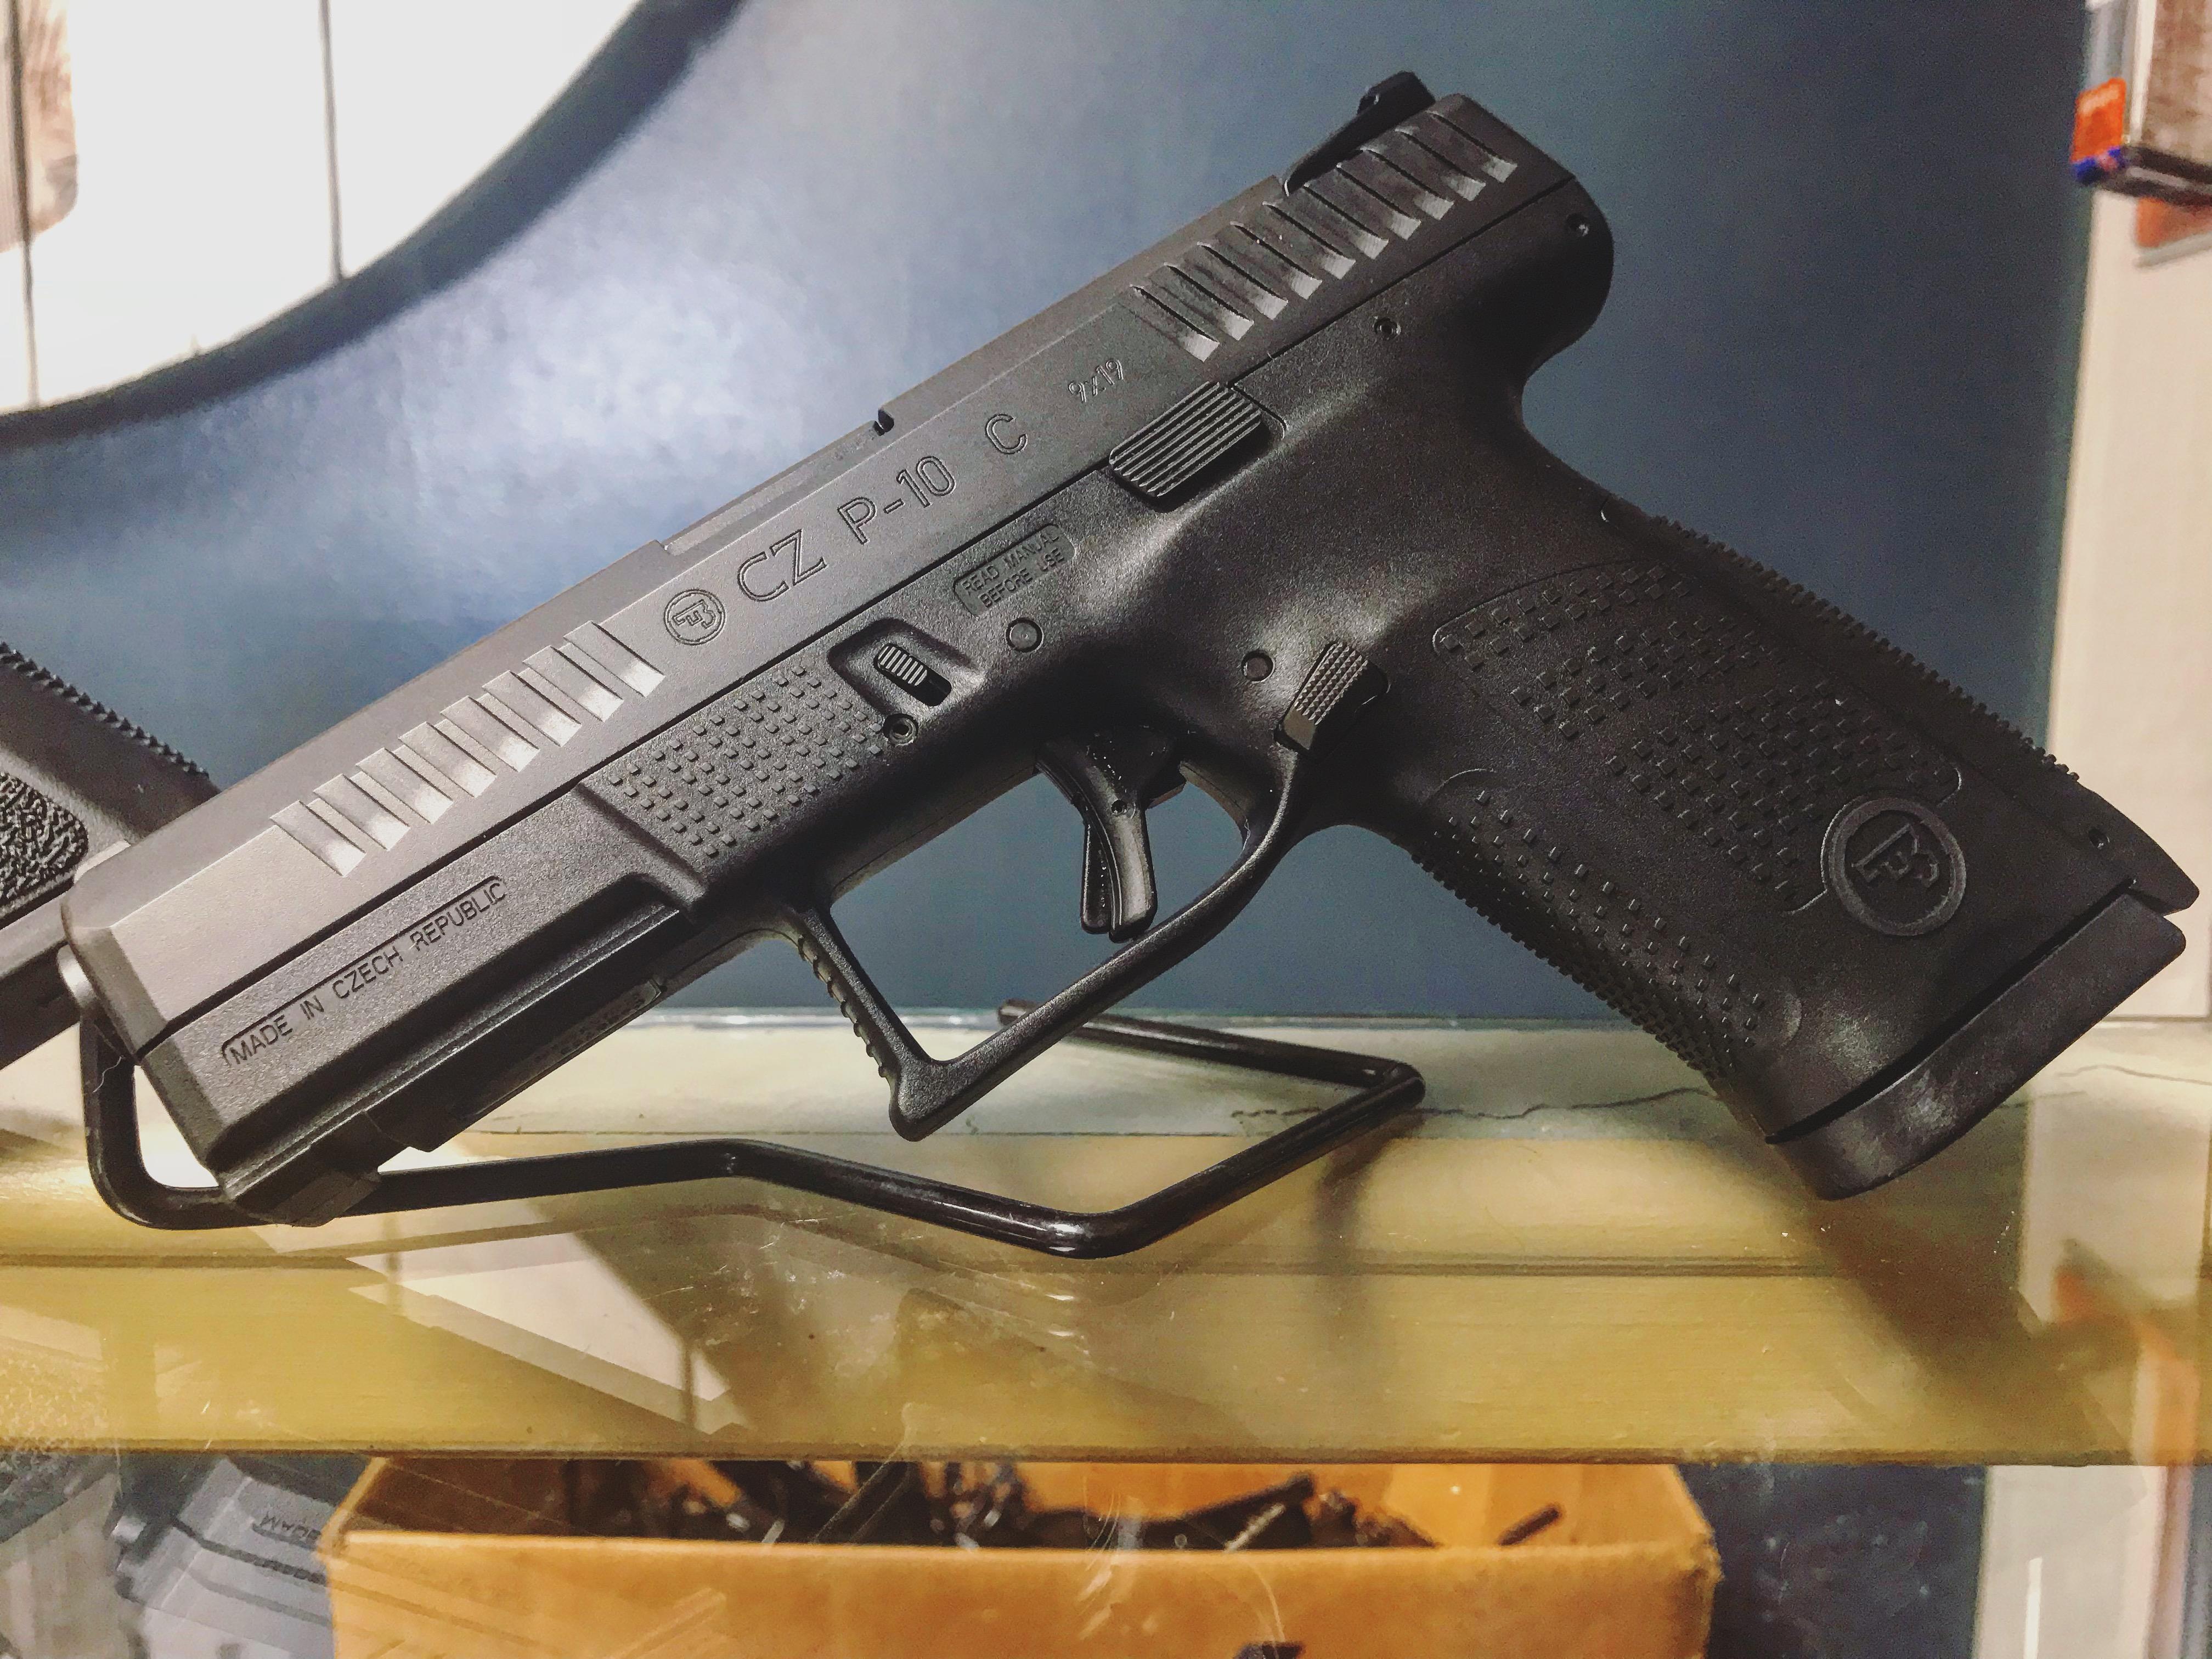 For Sale - CZ P10C 9mm - $500